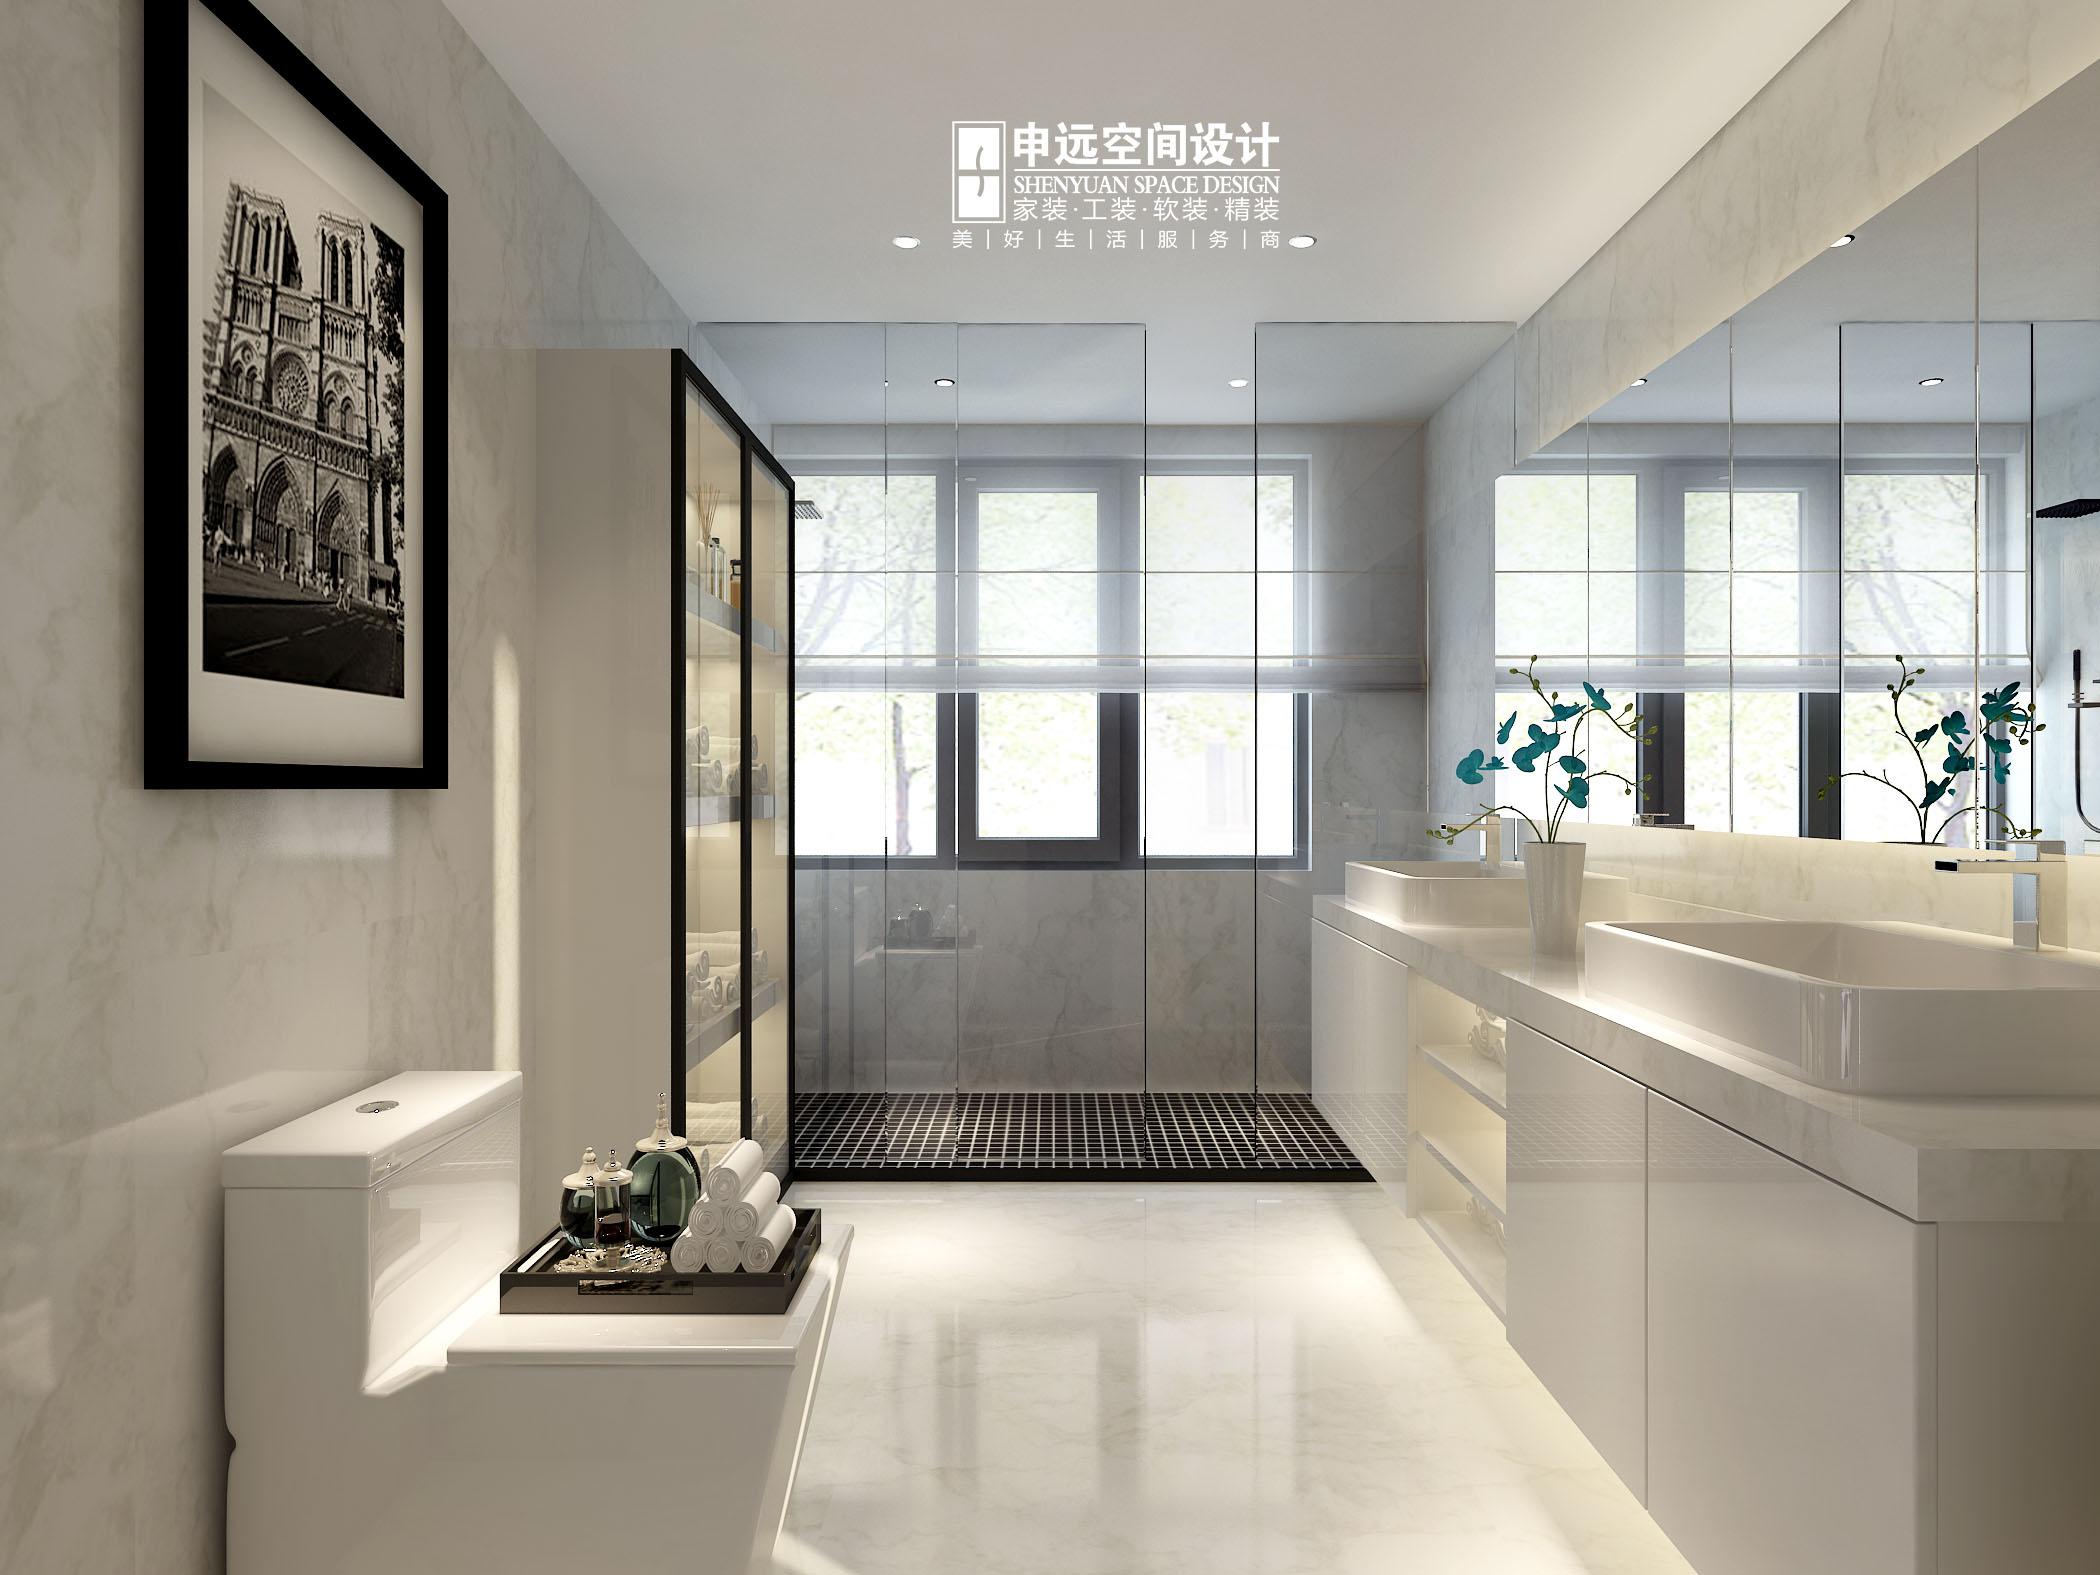 欧式 简约 别墅 简欧 卫生间图片来自申远空间设计北京分公司在简约欧式-财富公馆的分享